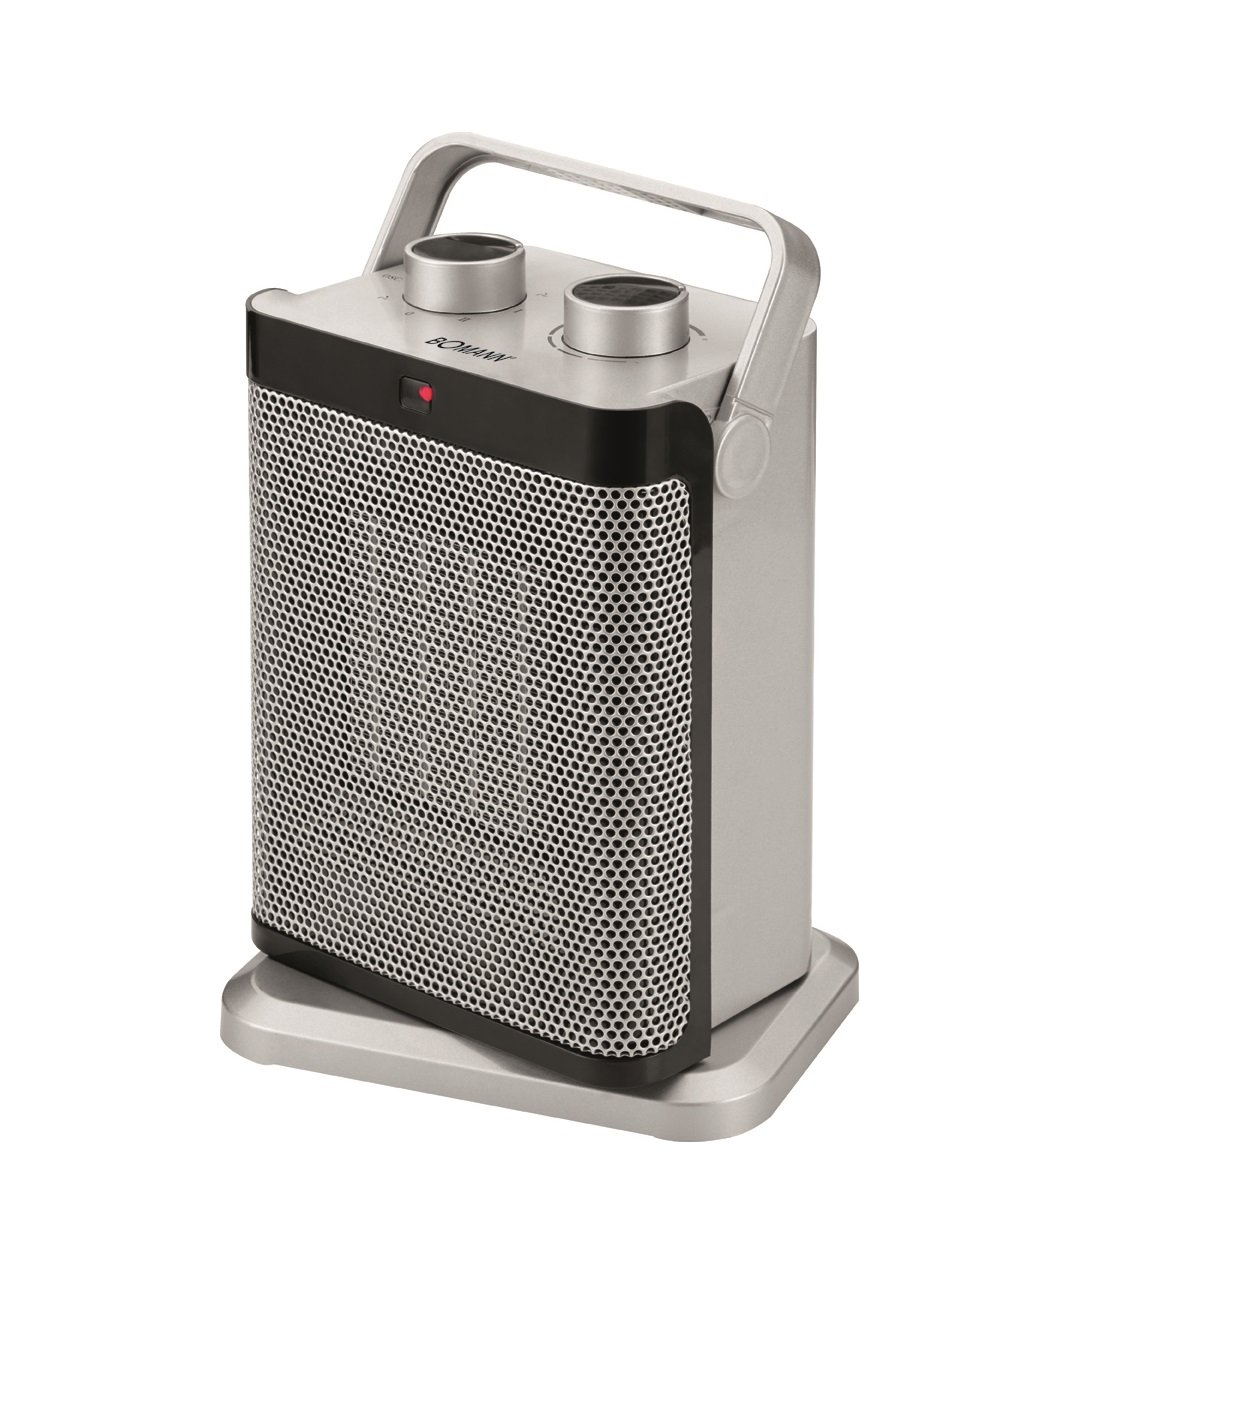 Calefactor baño bajo consumo y ventilador combinado dispositivo calefactor calefactor rápido (1500 W, Oscilante, asa, sujeción segura): Amazon.es: Hogar